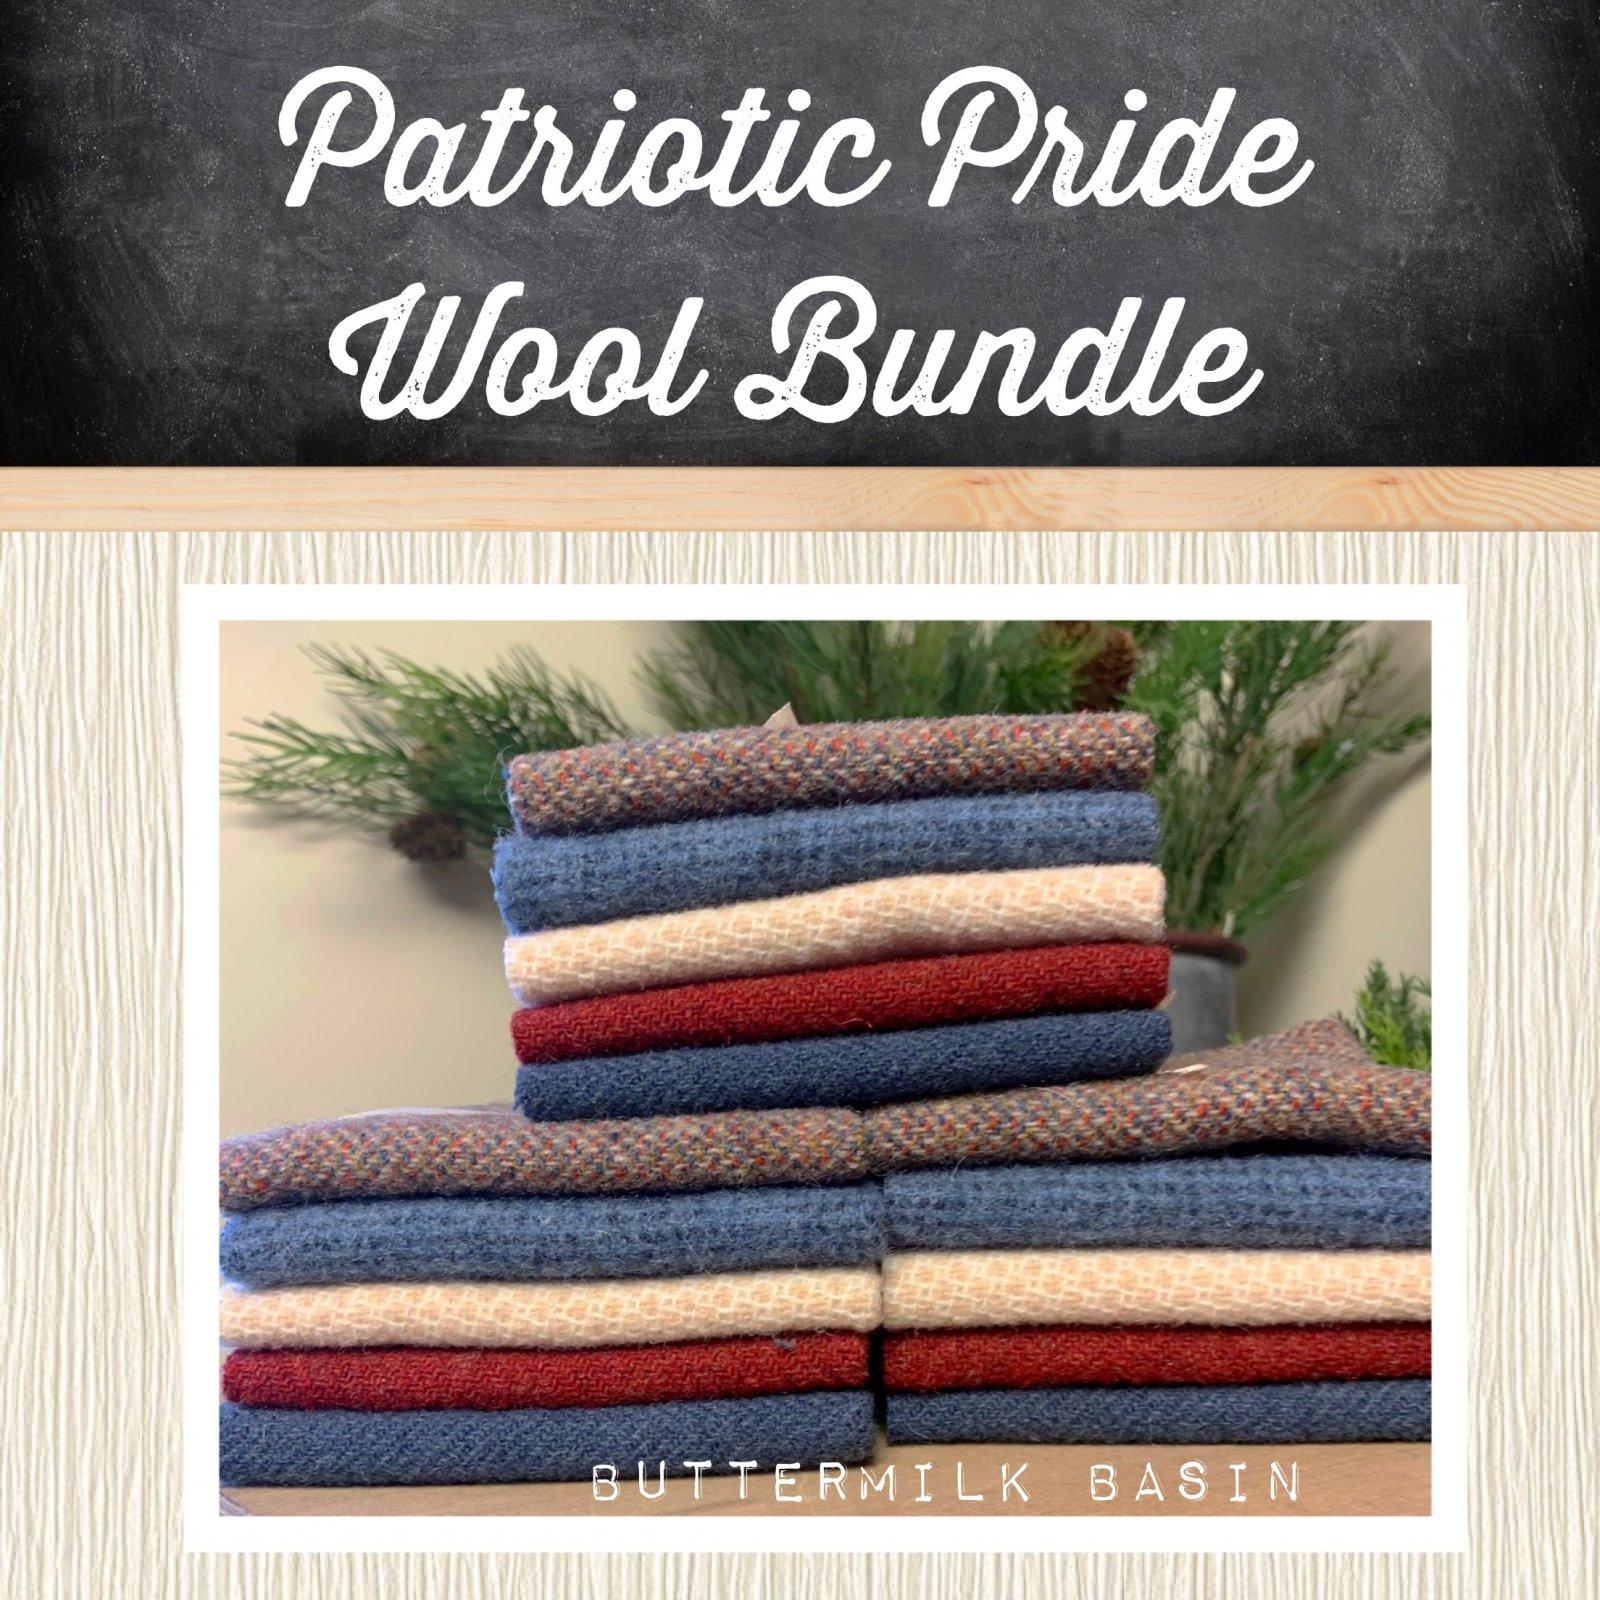 Patriotic Pride Wool Bundle